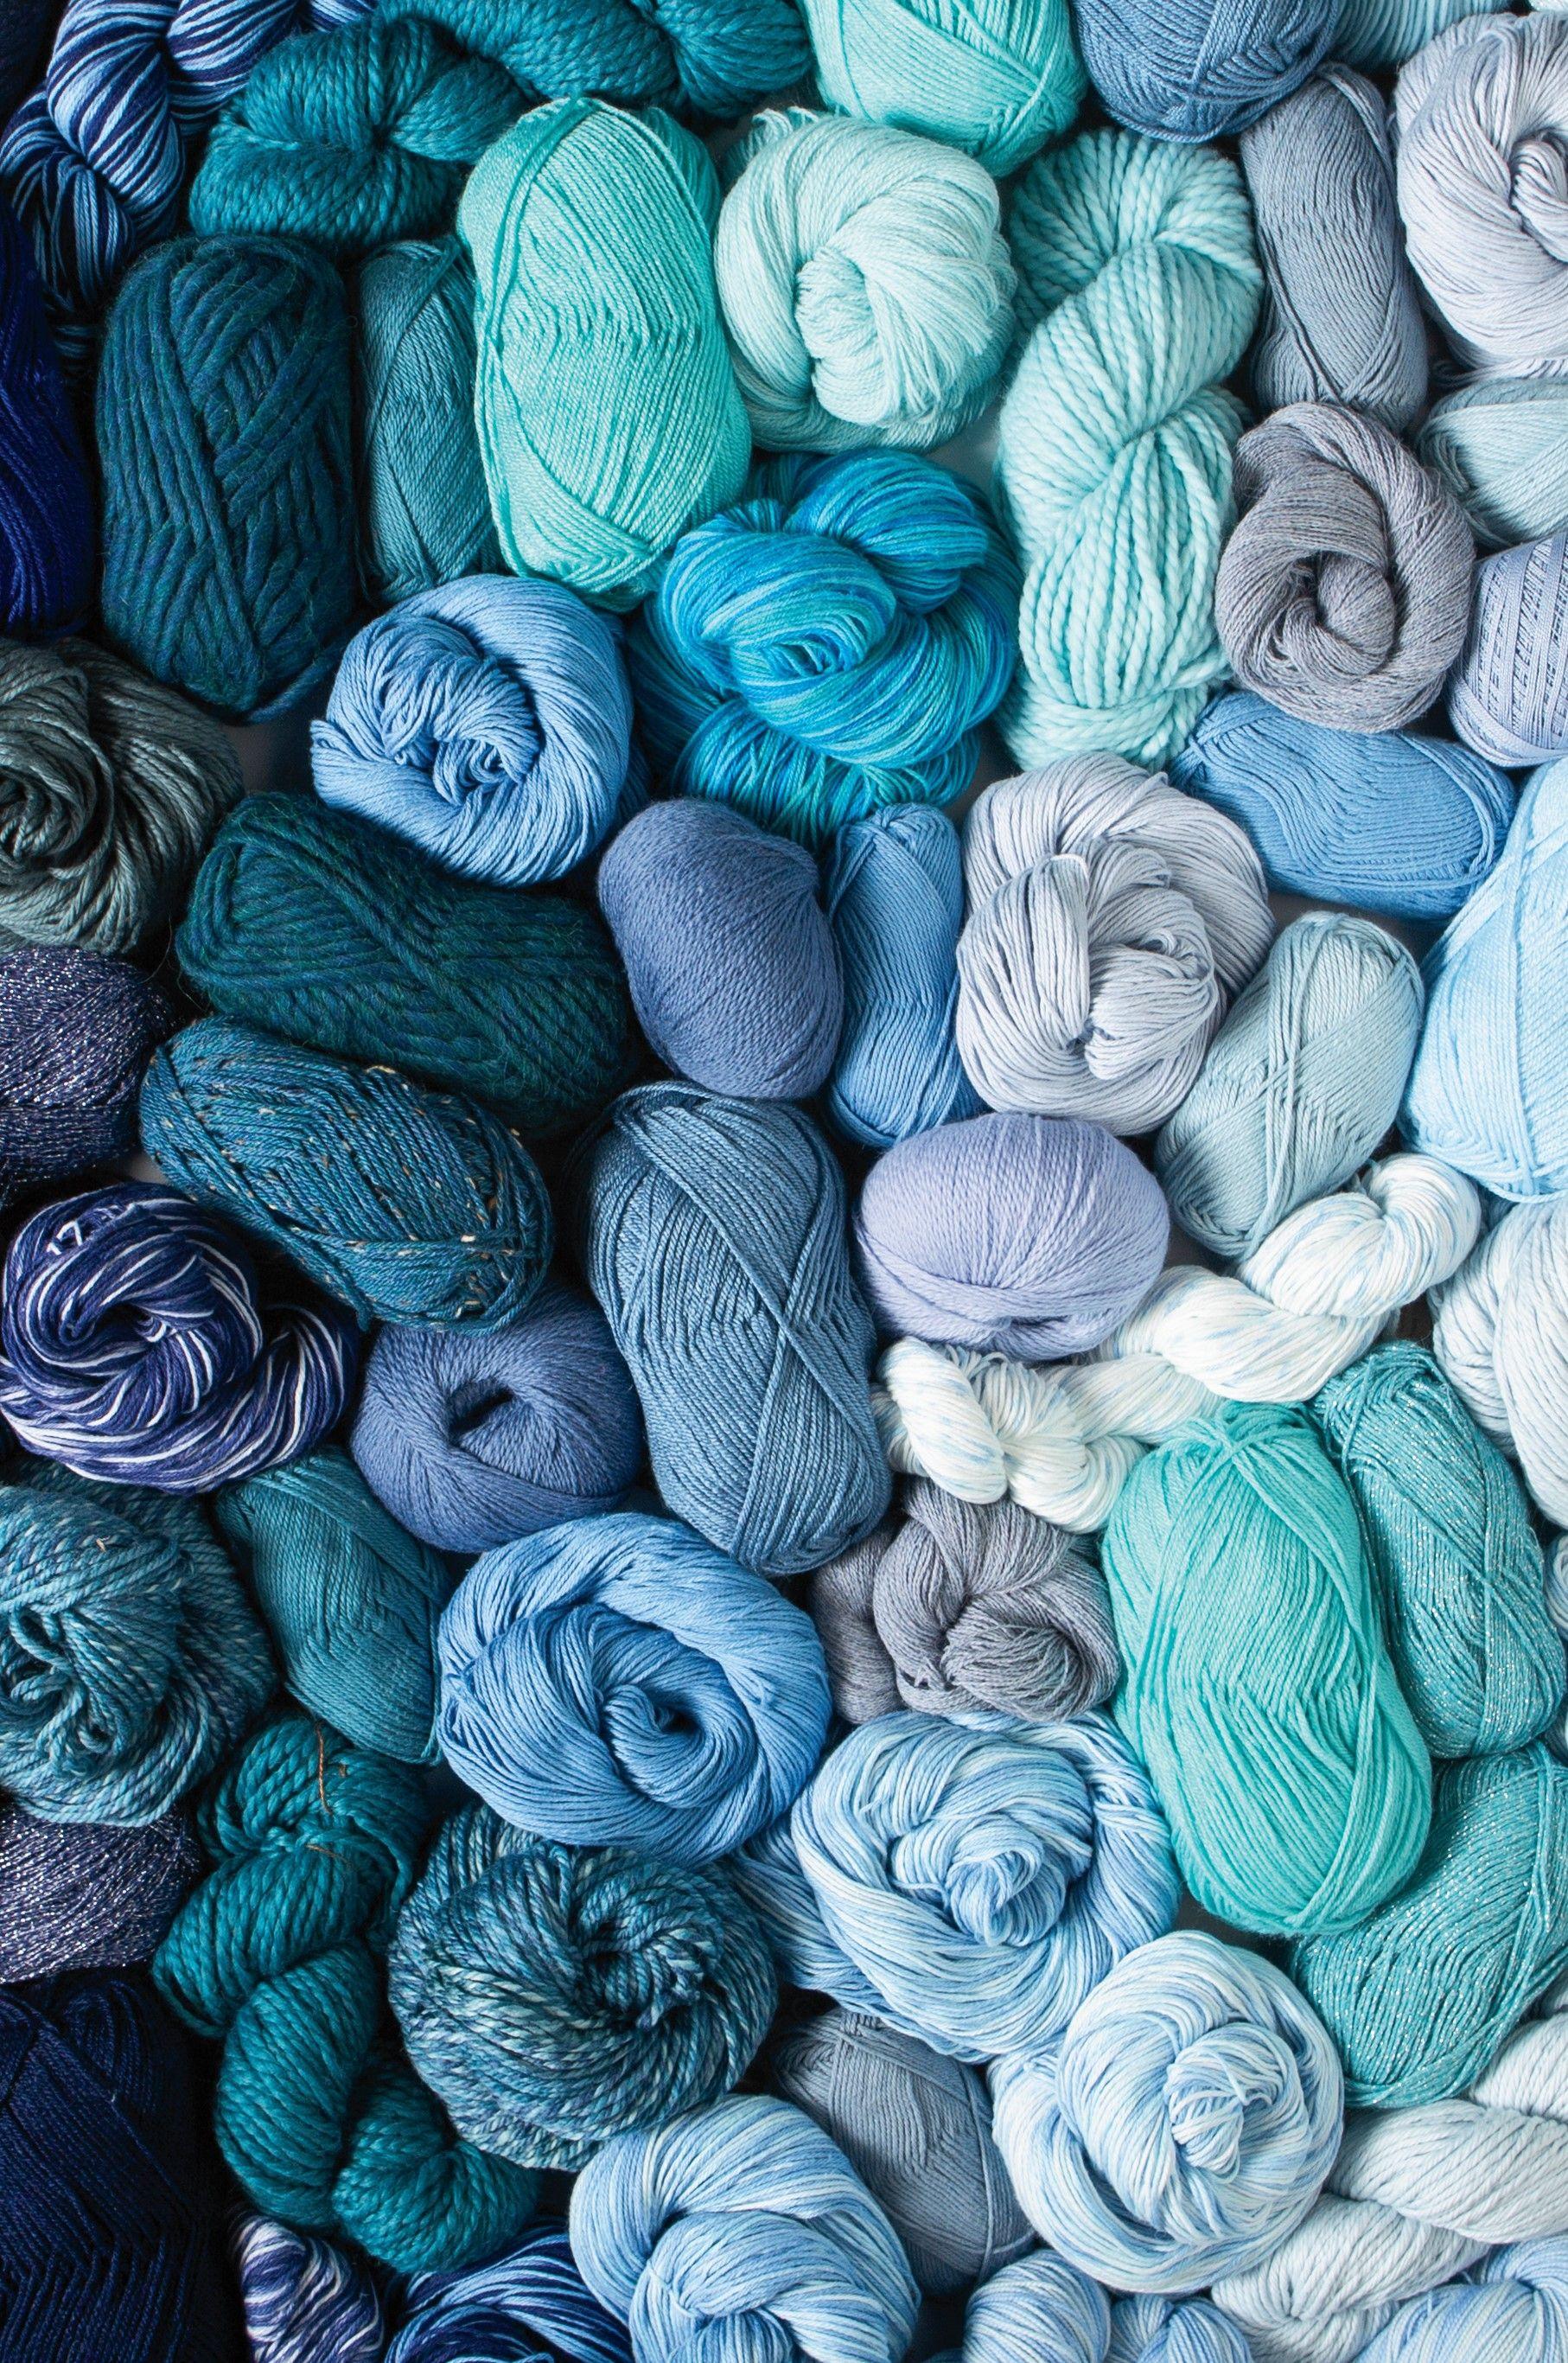 A Wave Of Blue Yarn Macrame Patterns Tutorials Knit Picks Yarn Yarn